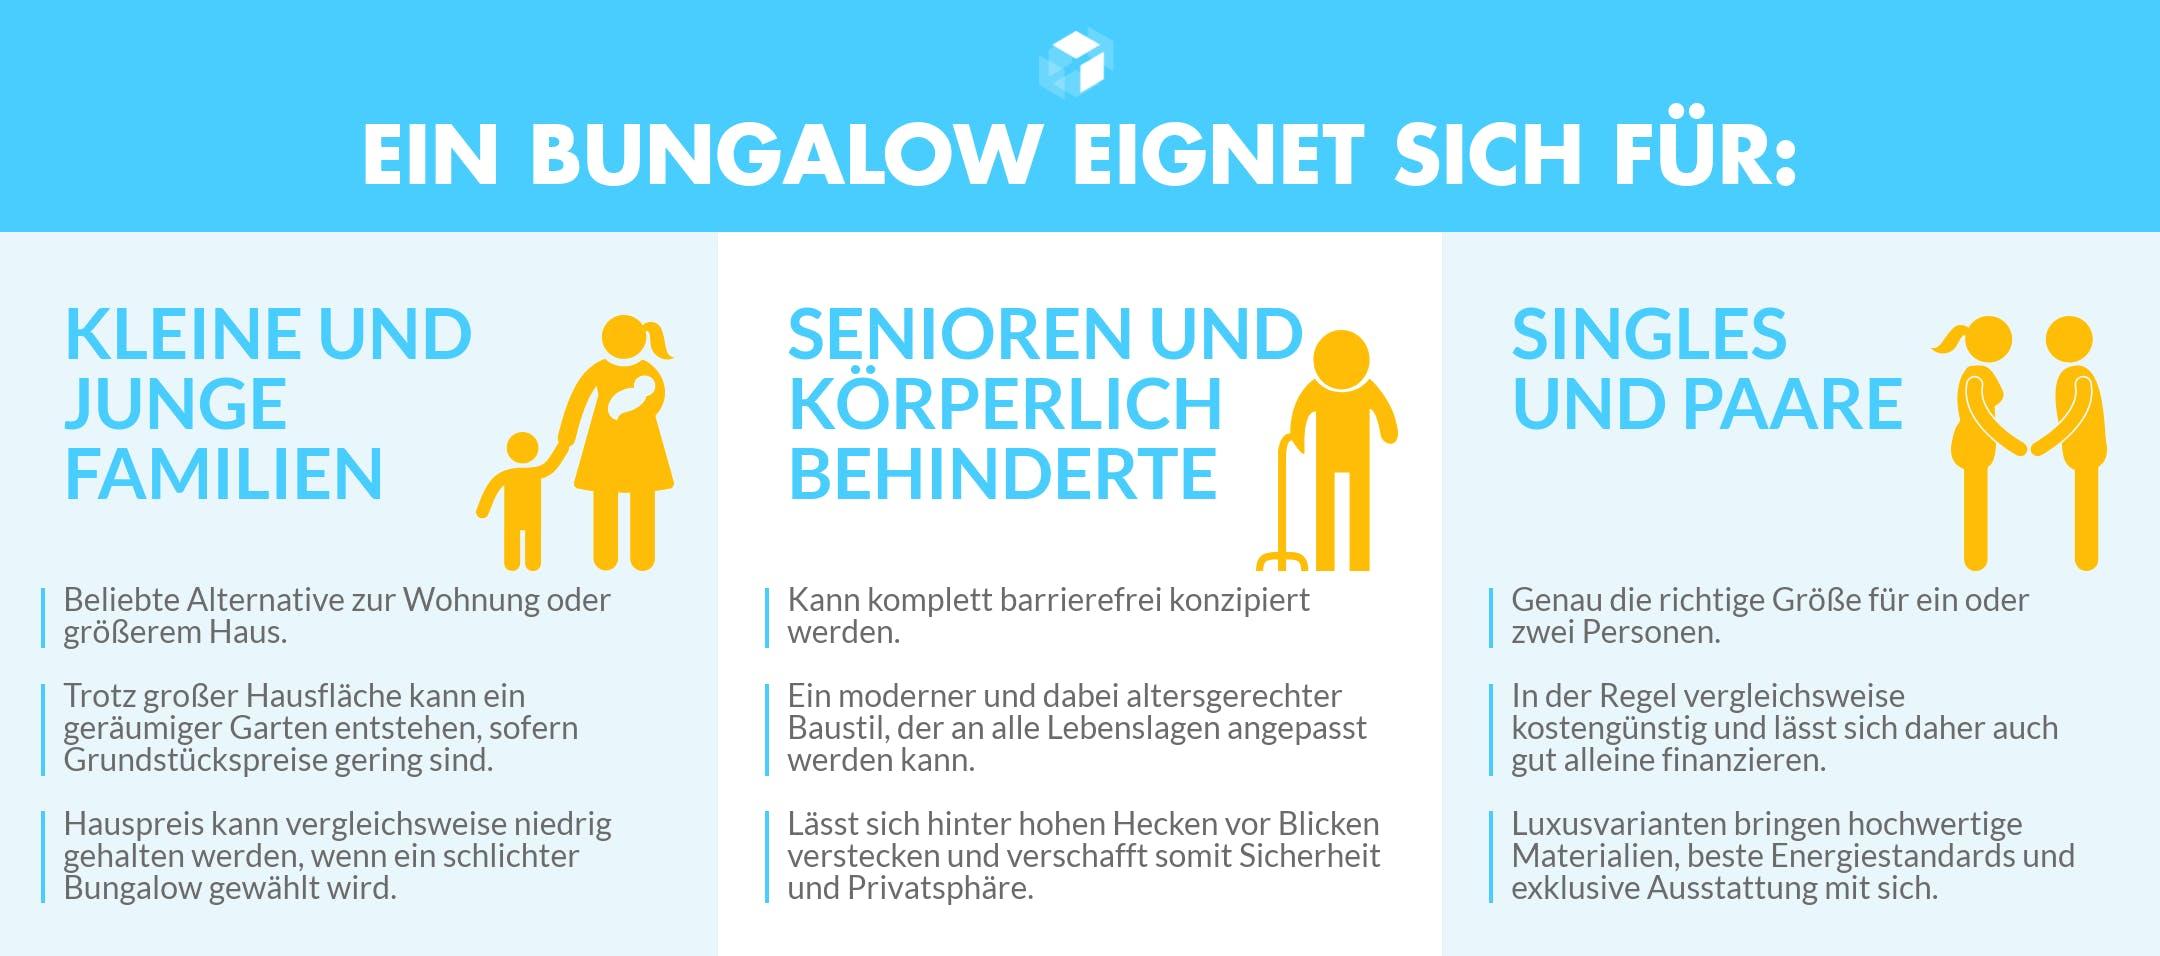 Infografik zeigt den Bungalow für verschiedene Lebenssituationen